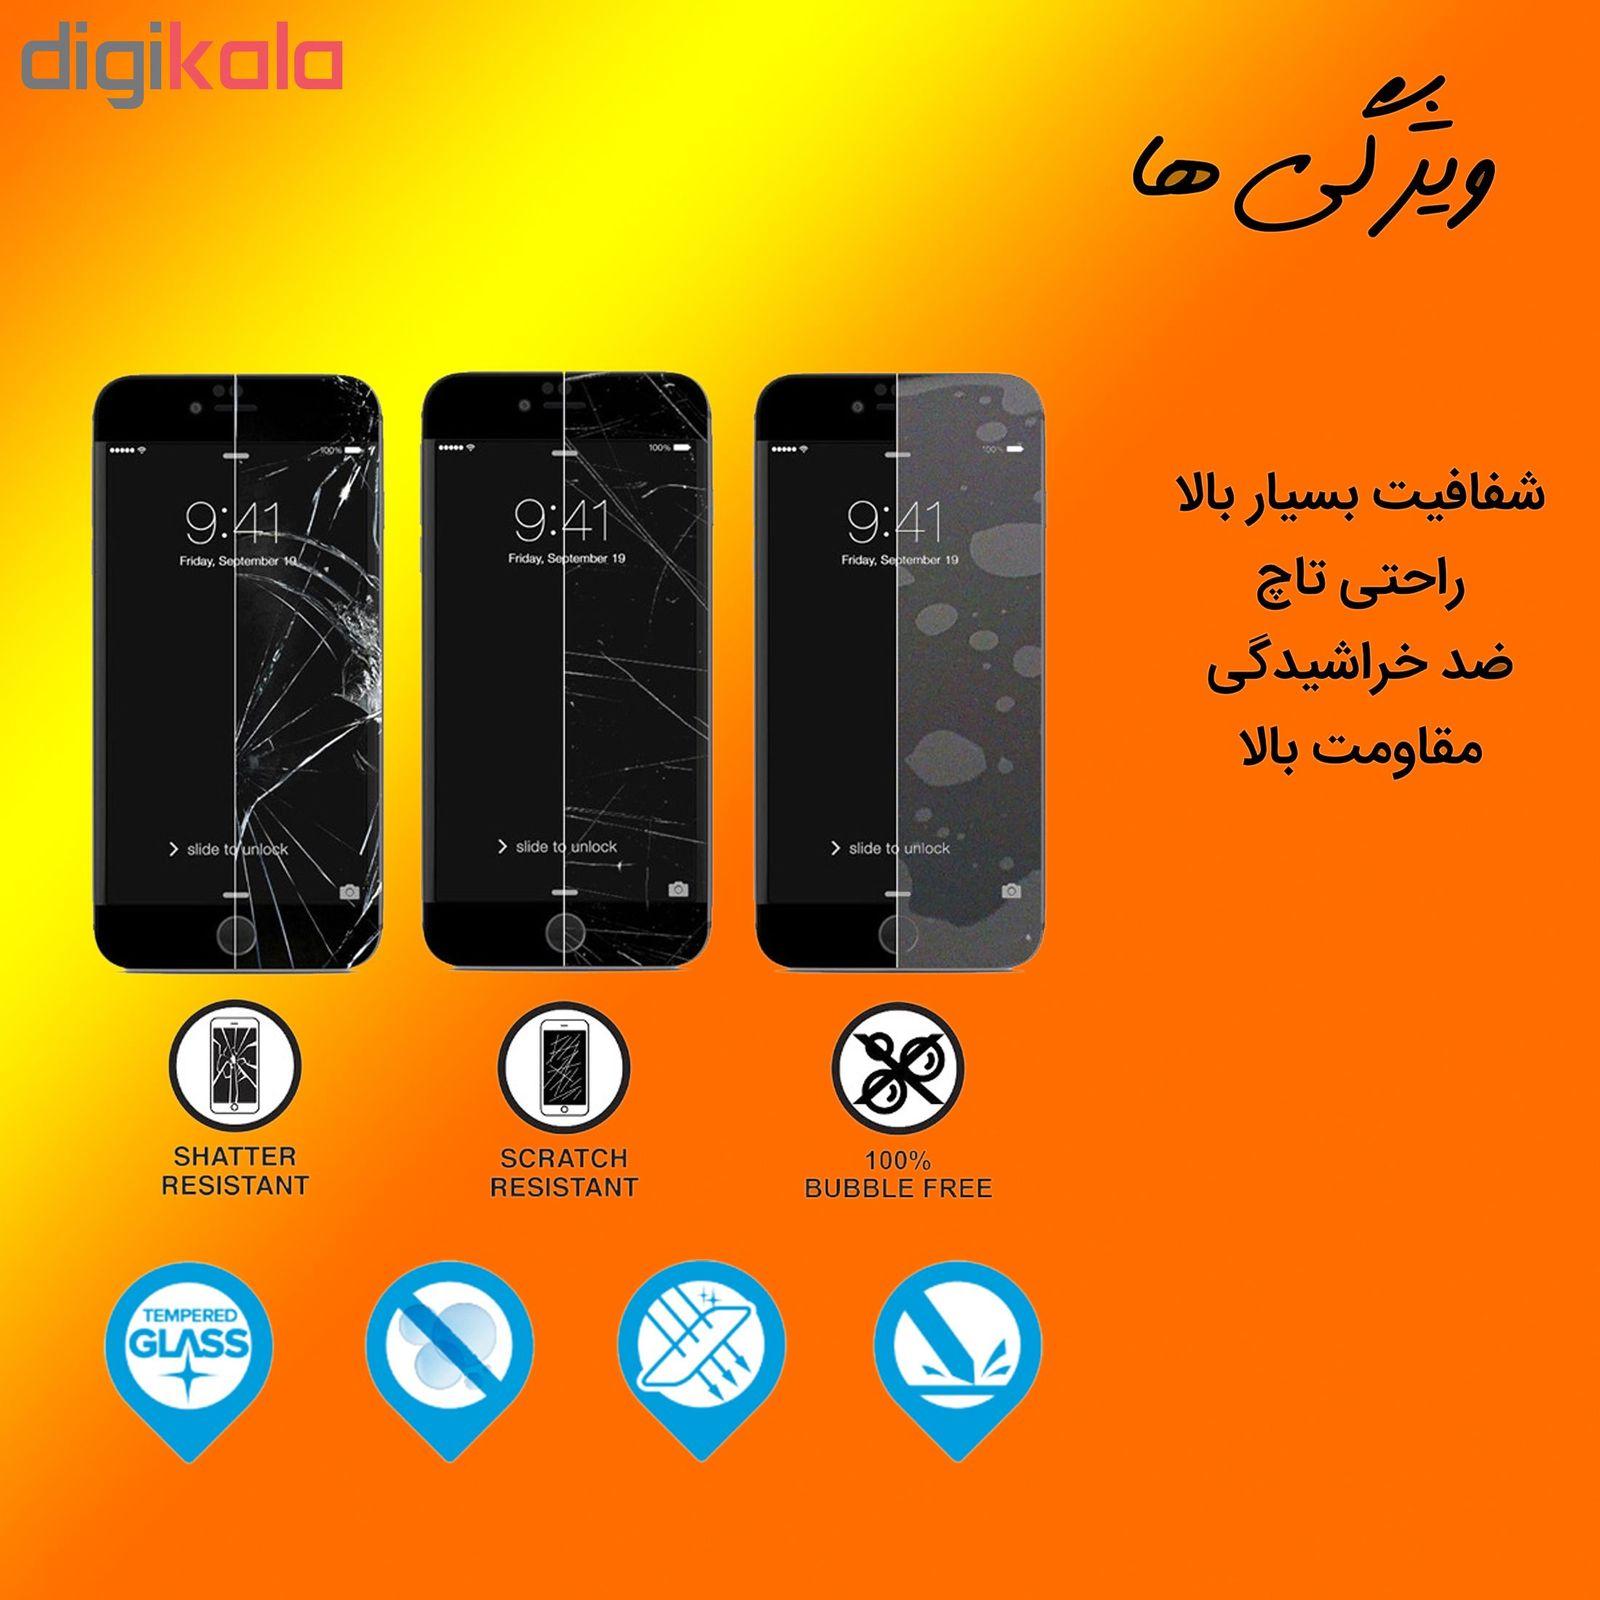 محافظ صفحه نمایش مات Hard and thick مدل F-01 مناسب برای گوشی موبایل سامسونگ Galaxy A50 main 1 2